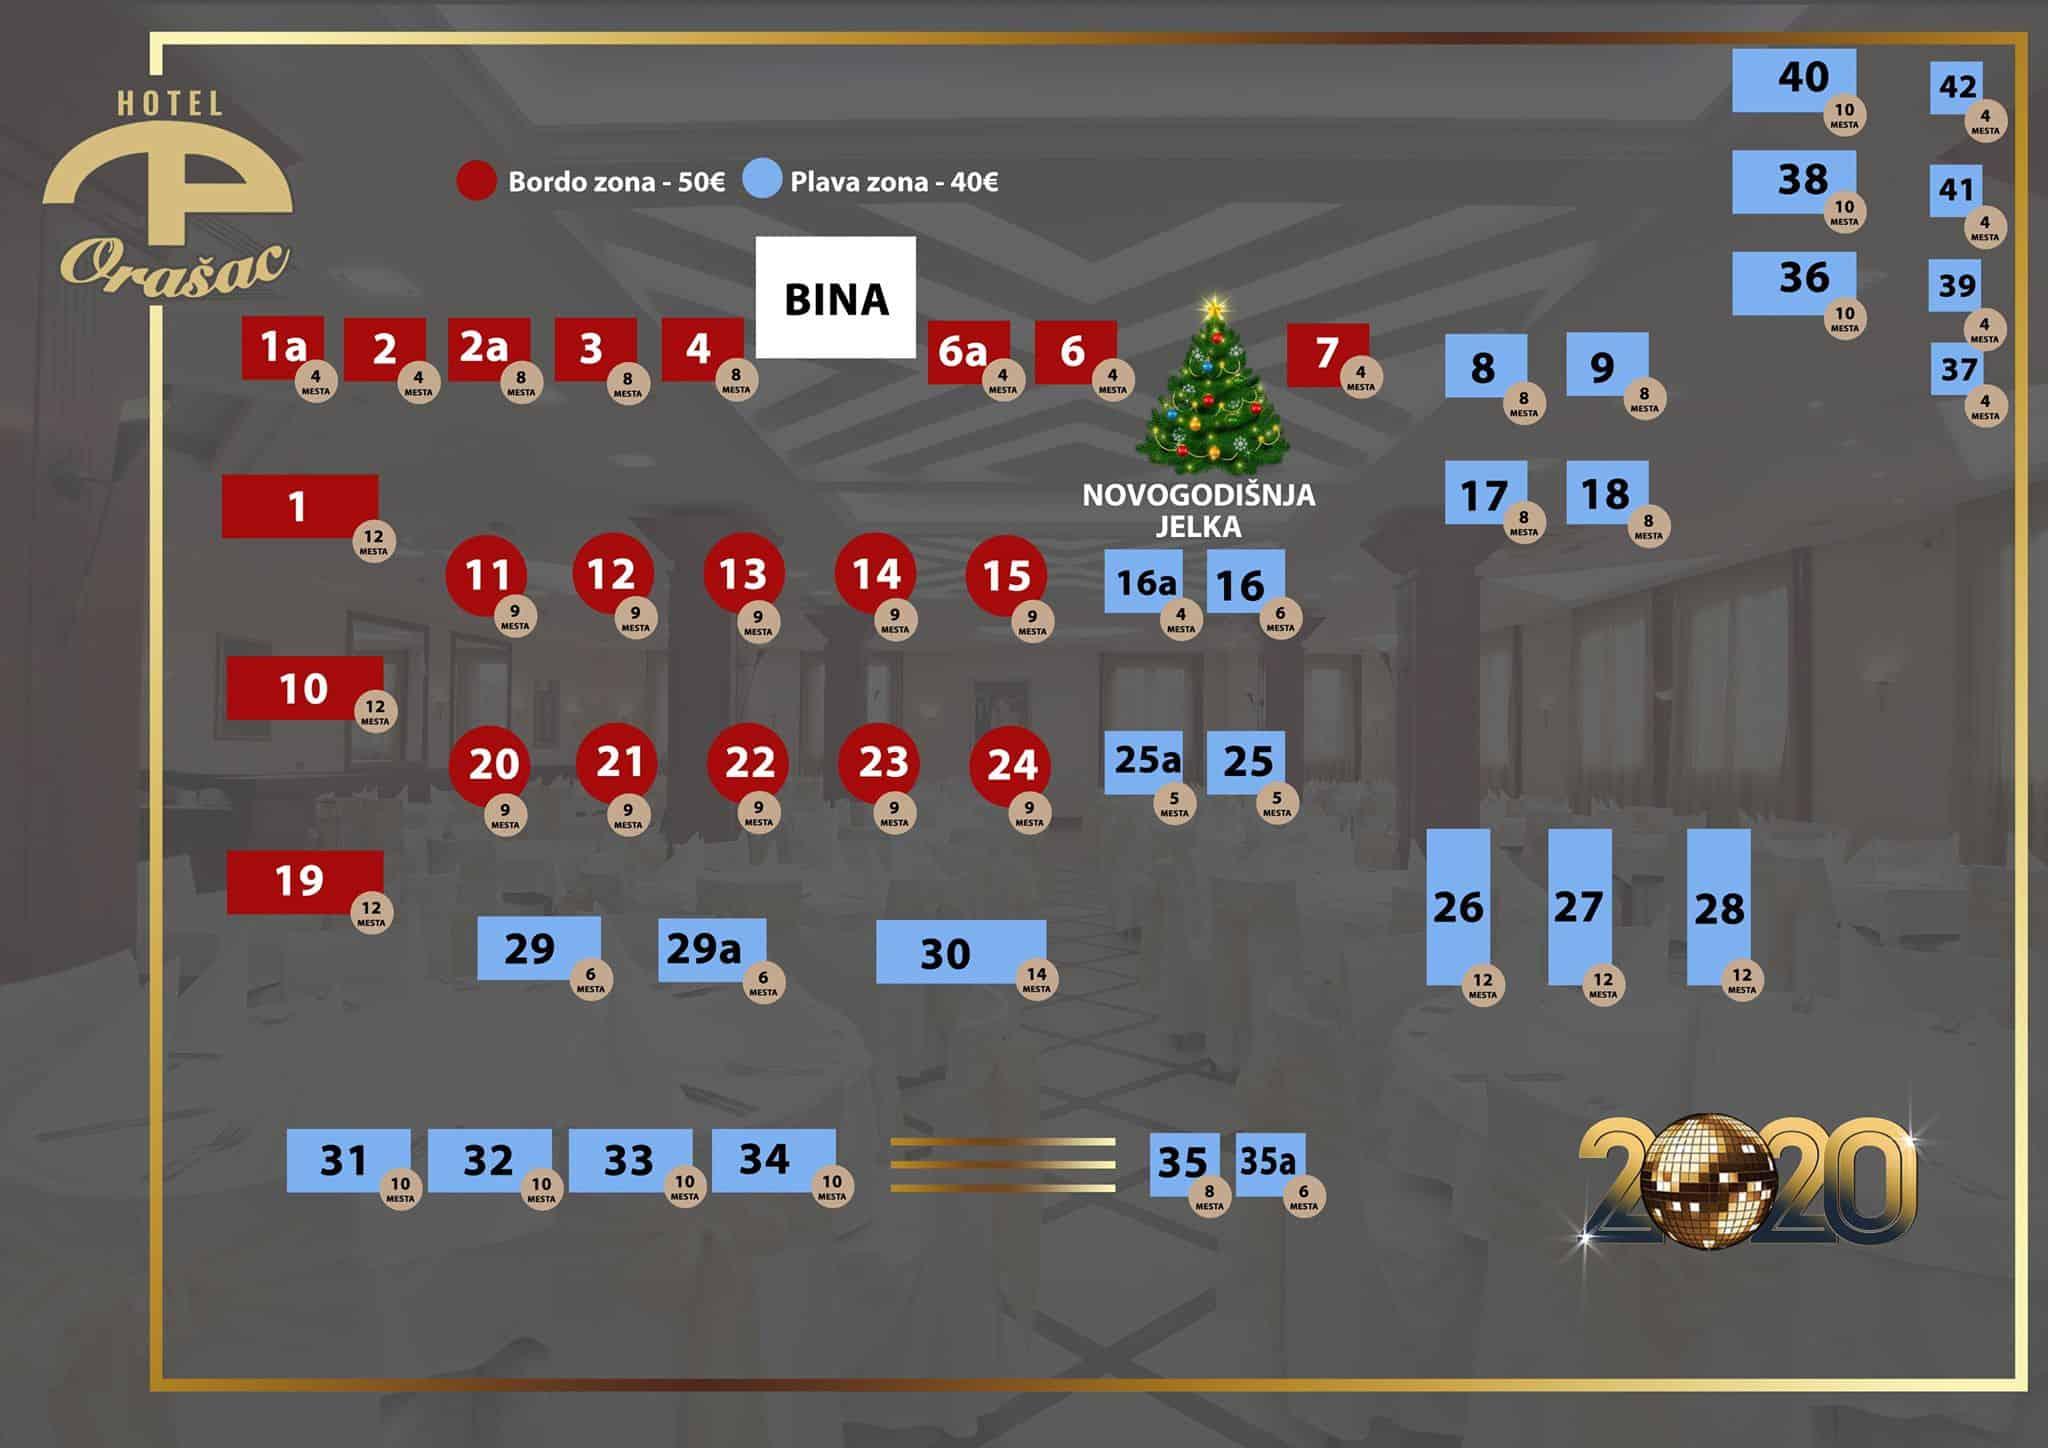 Docek Nove godine 2020 Beograd Hotel Orasac mapa